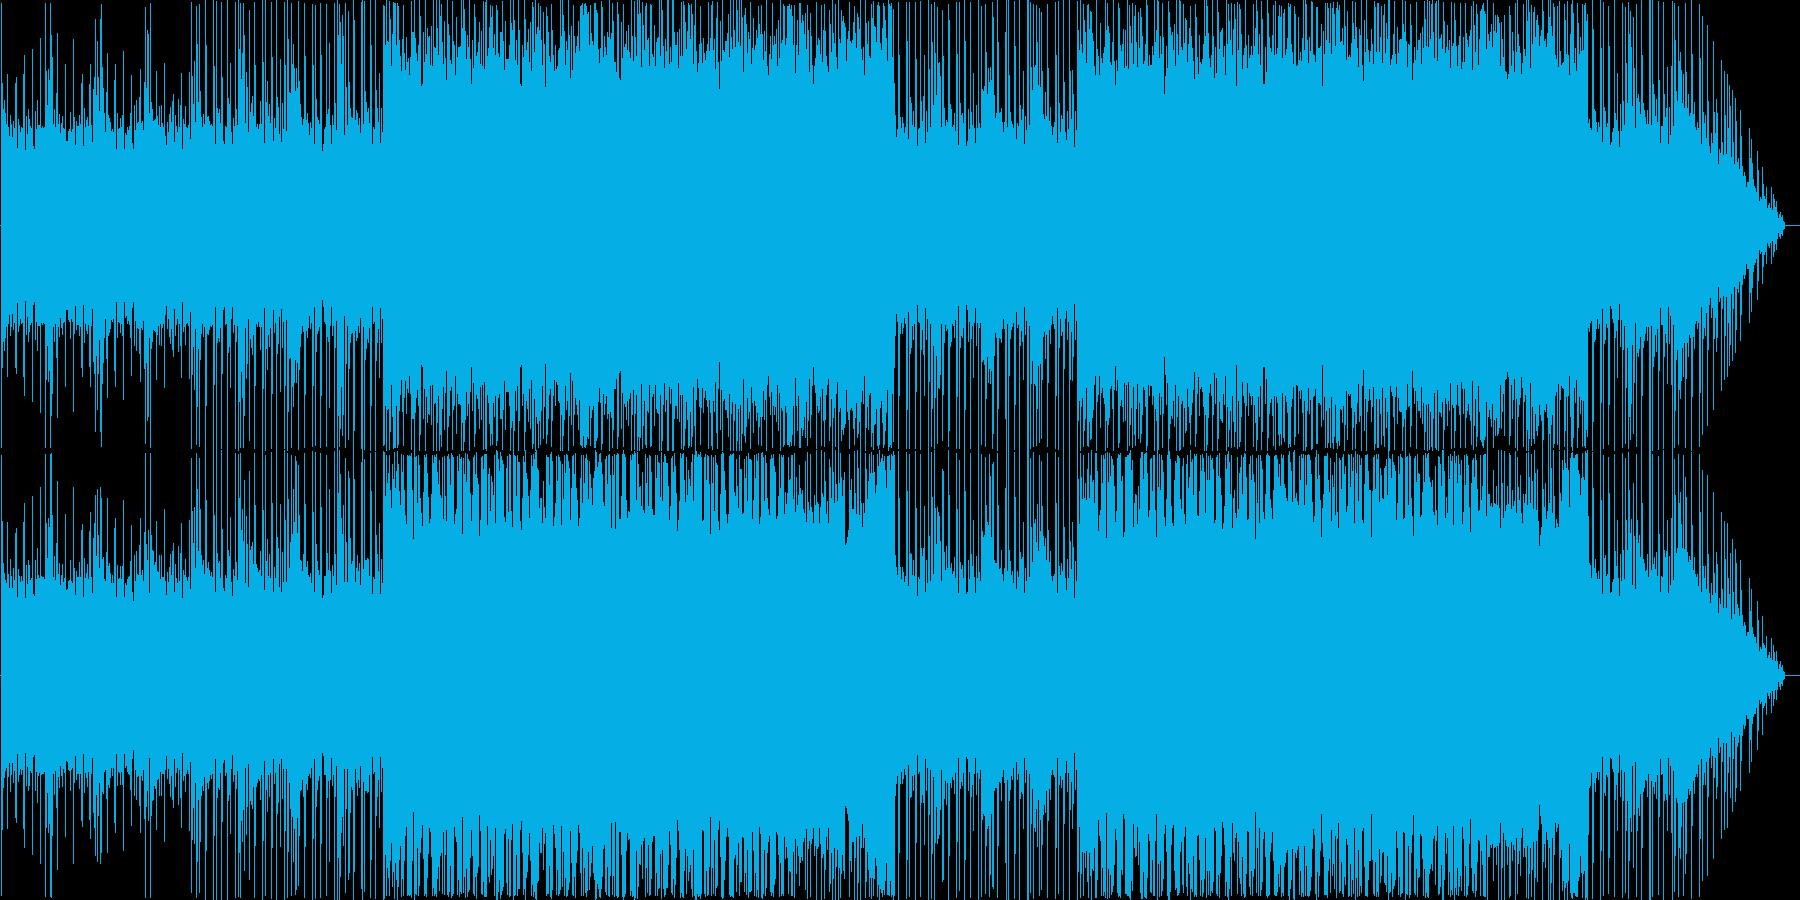 変拍子を用いたミッション、バトル等用楽曲の再生済みの波形